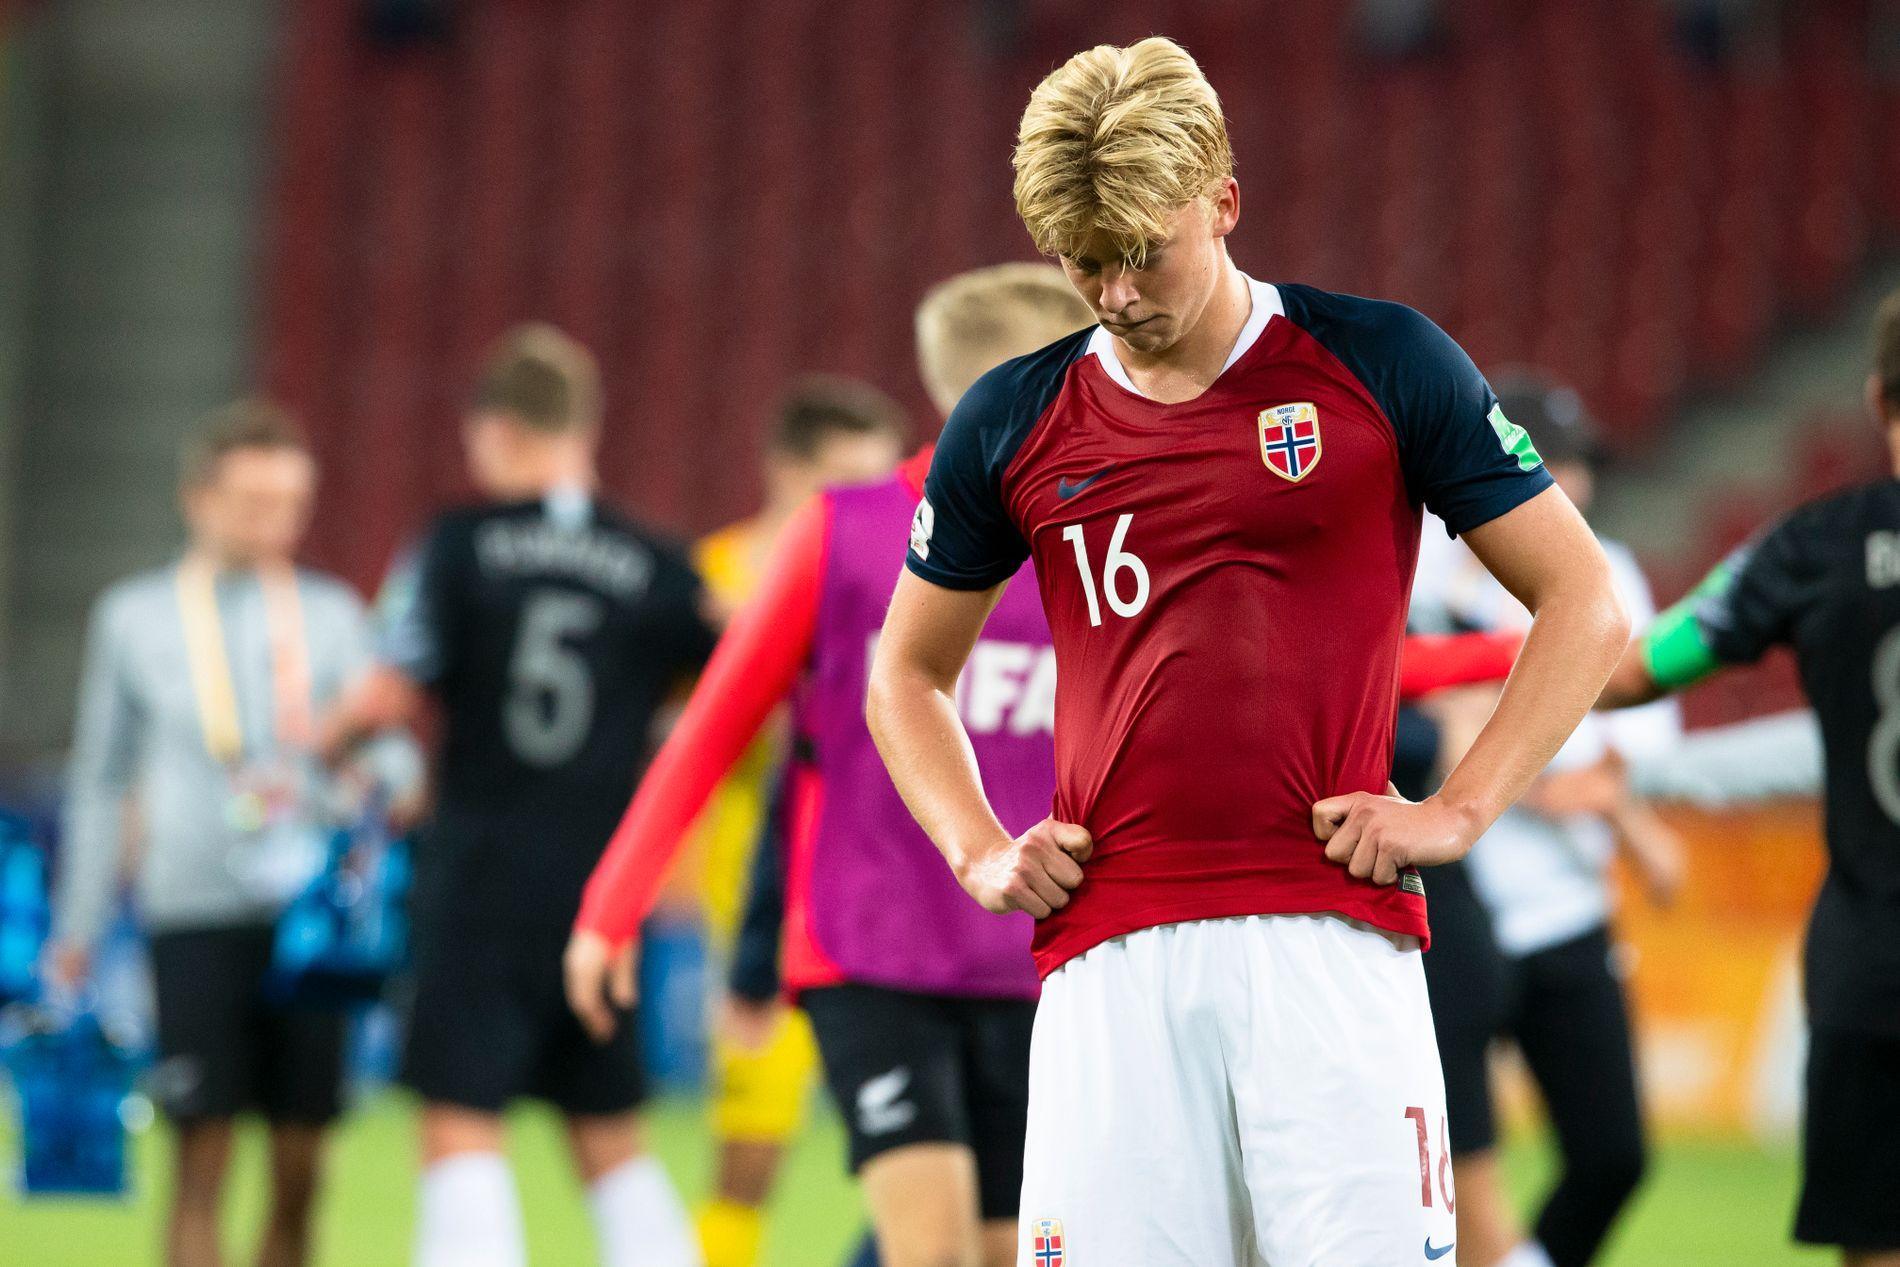 HAR FÅTT TUNG BESKJED: Tobias Børkeeiet deppet under U20-VM i Polen. Nå er midtbanespilleren syk.